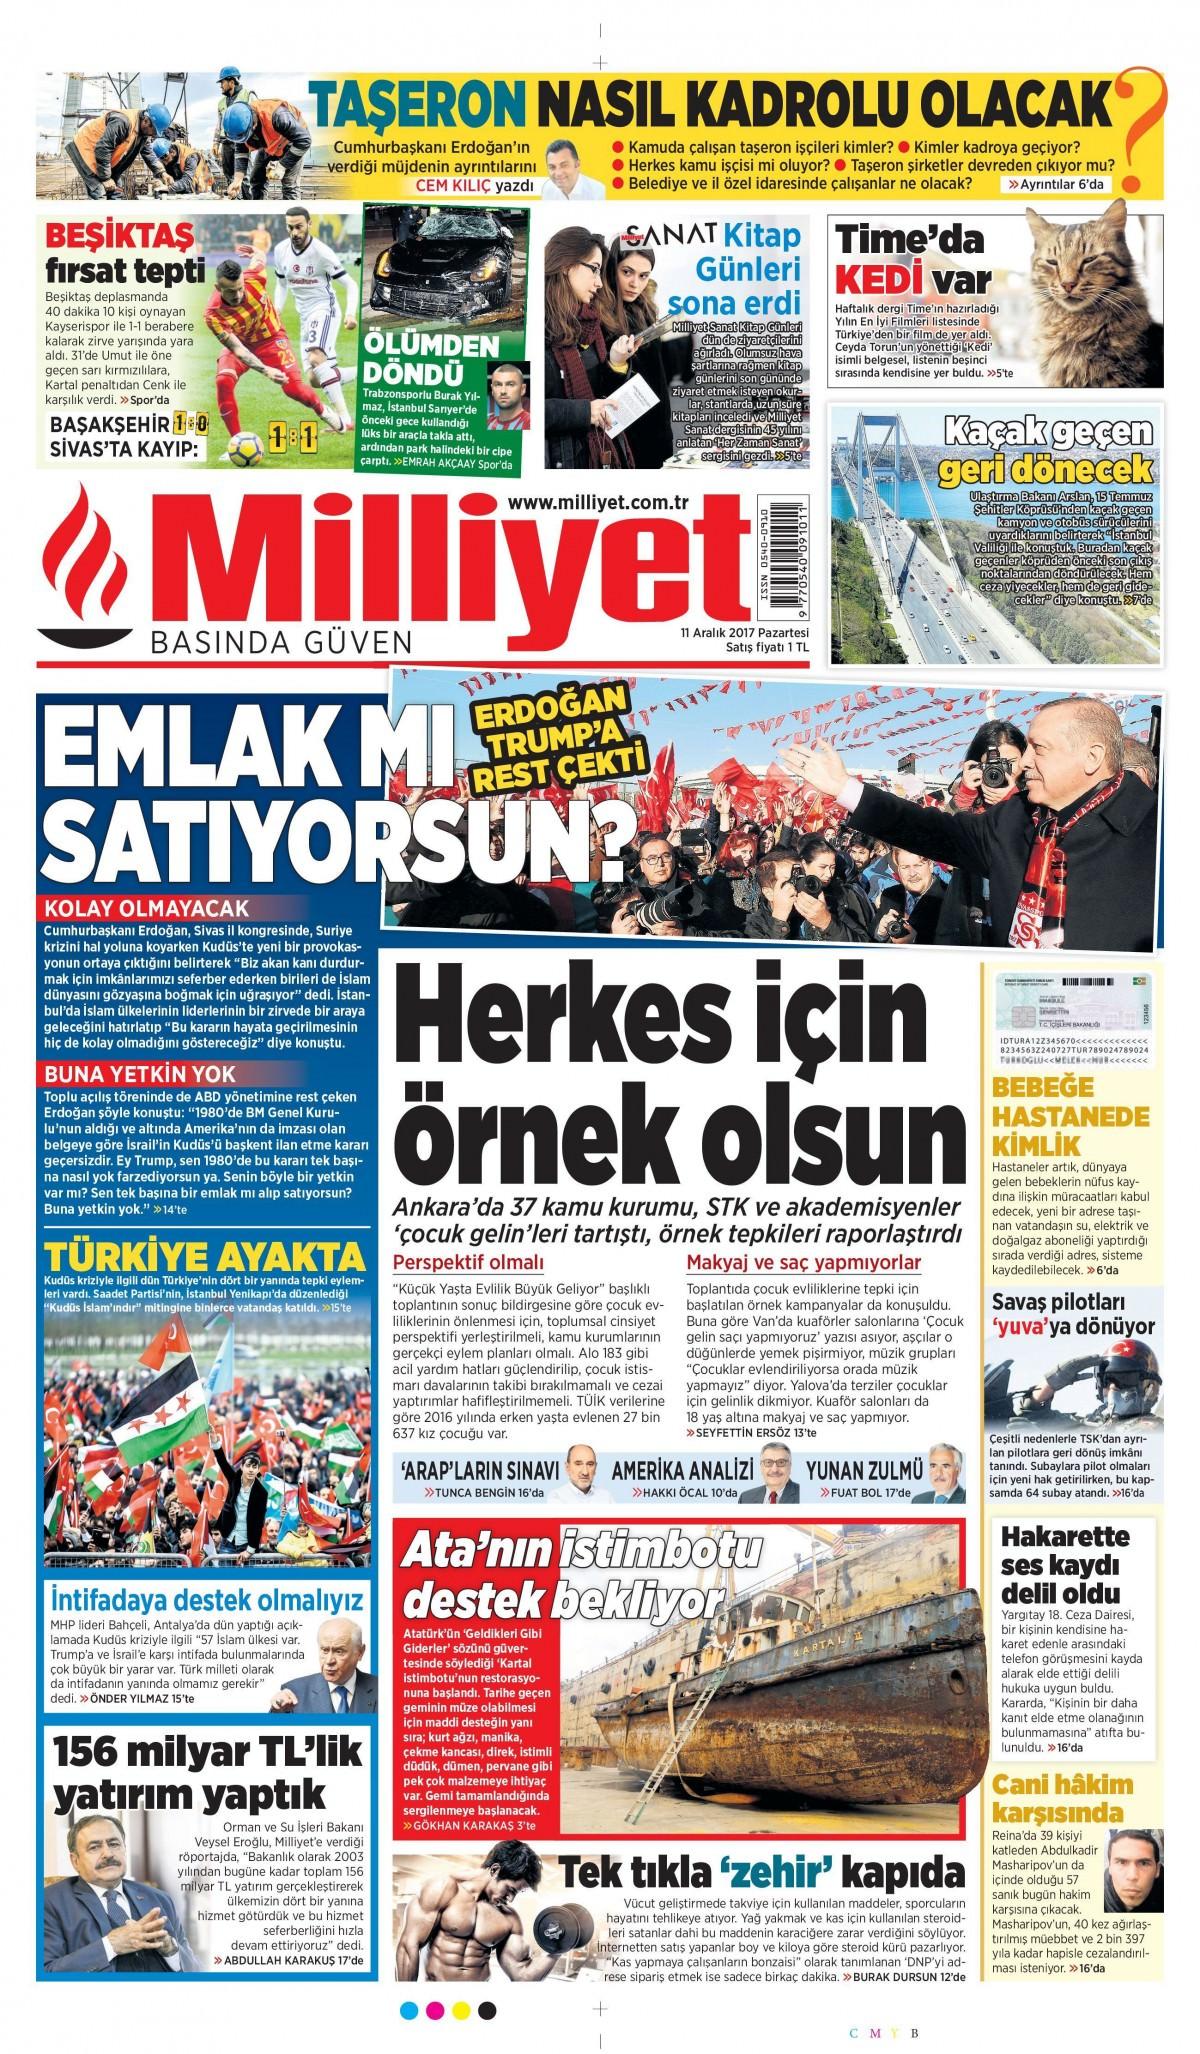 Gazeteler bugün ne yazdı? 3